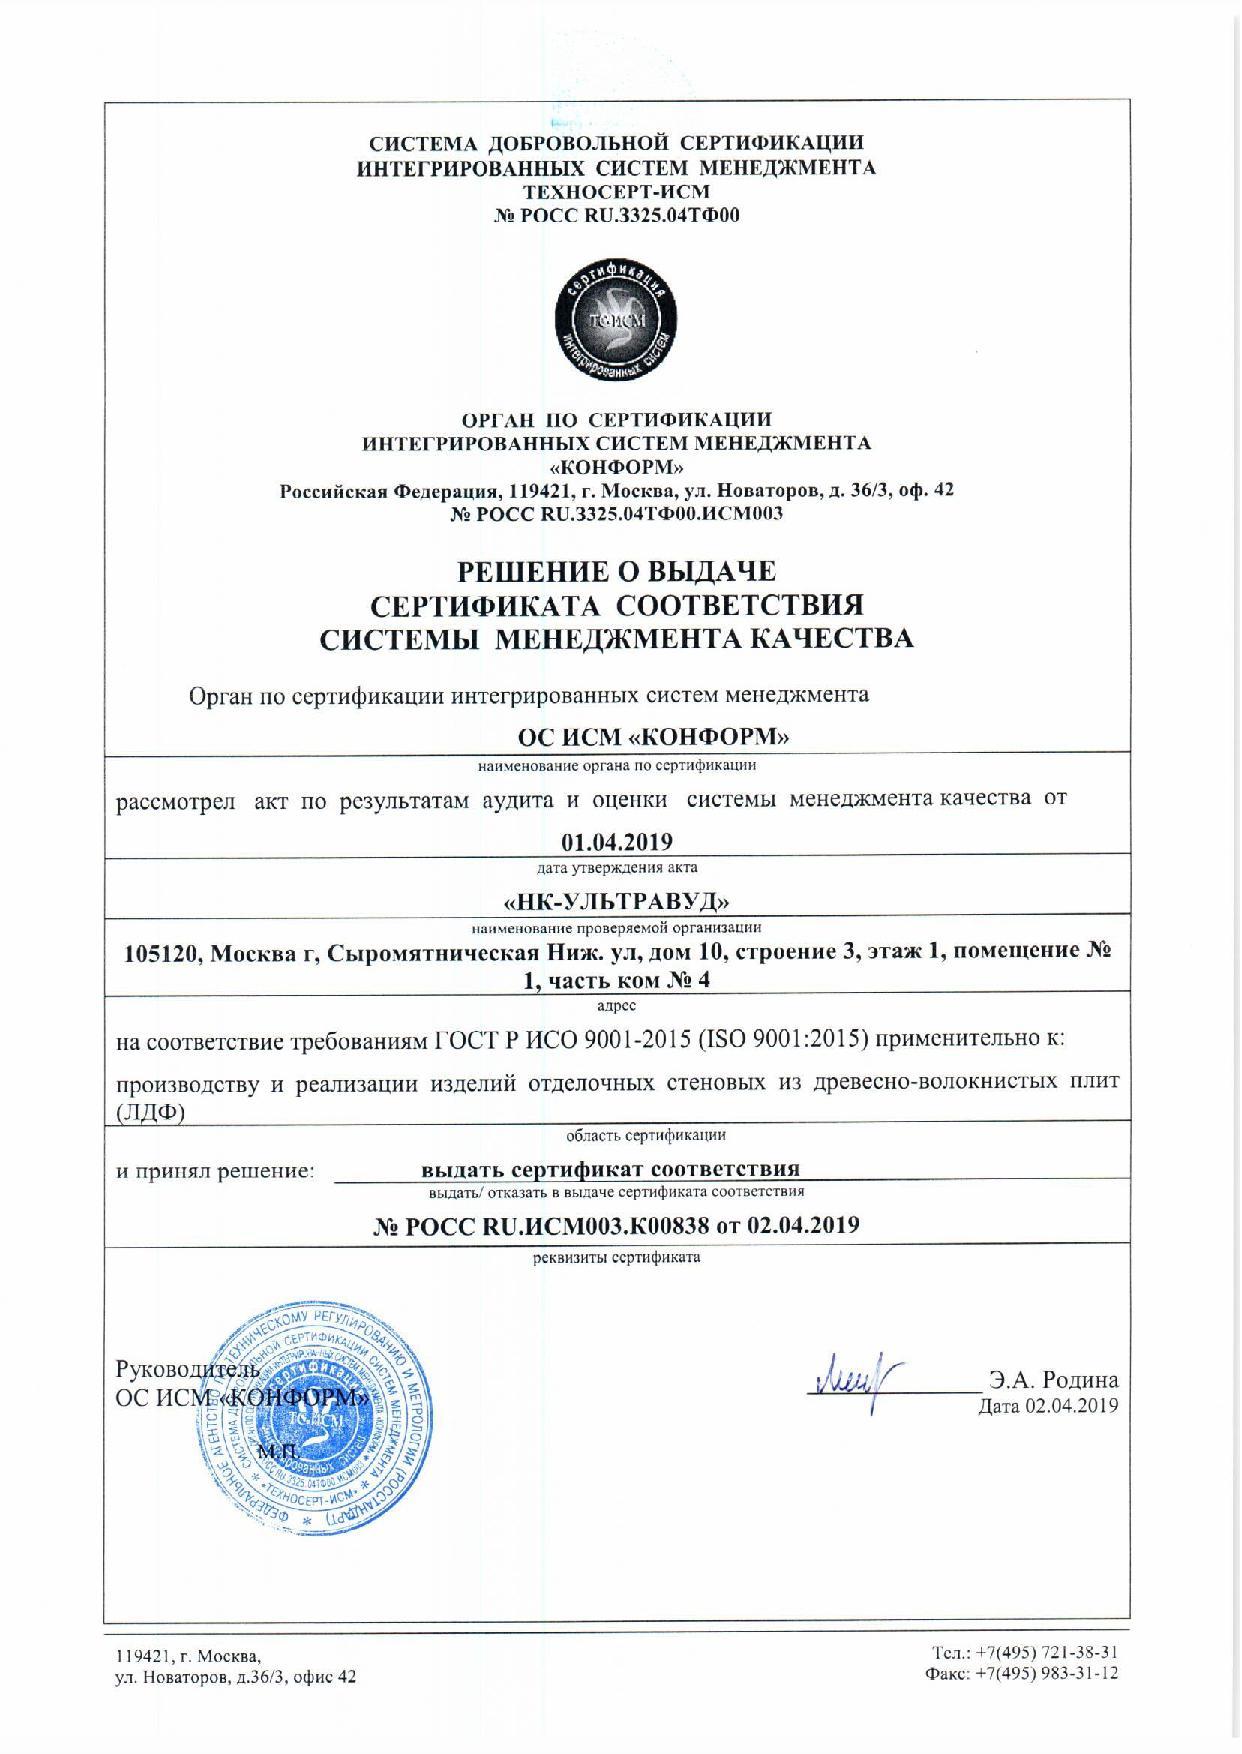 Сертификат_соответствия_системы_менеджмента_качества